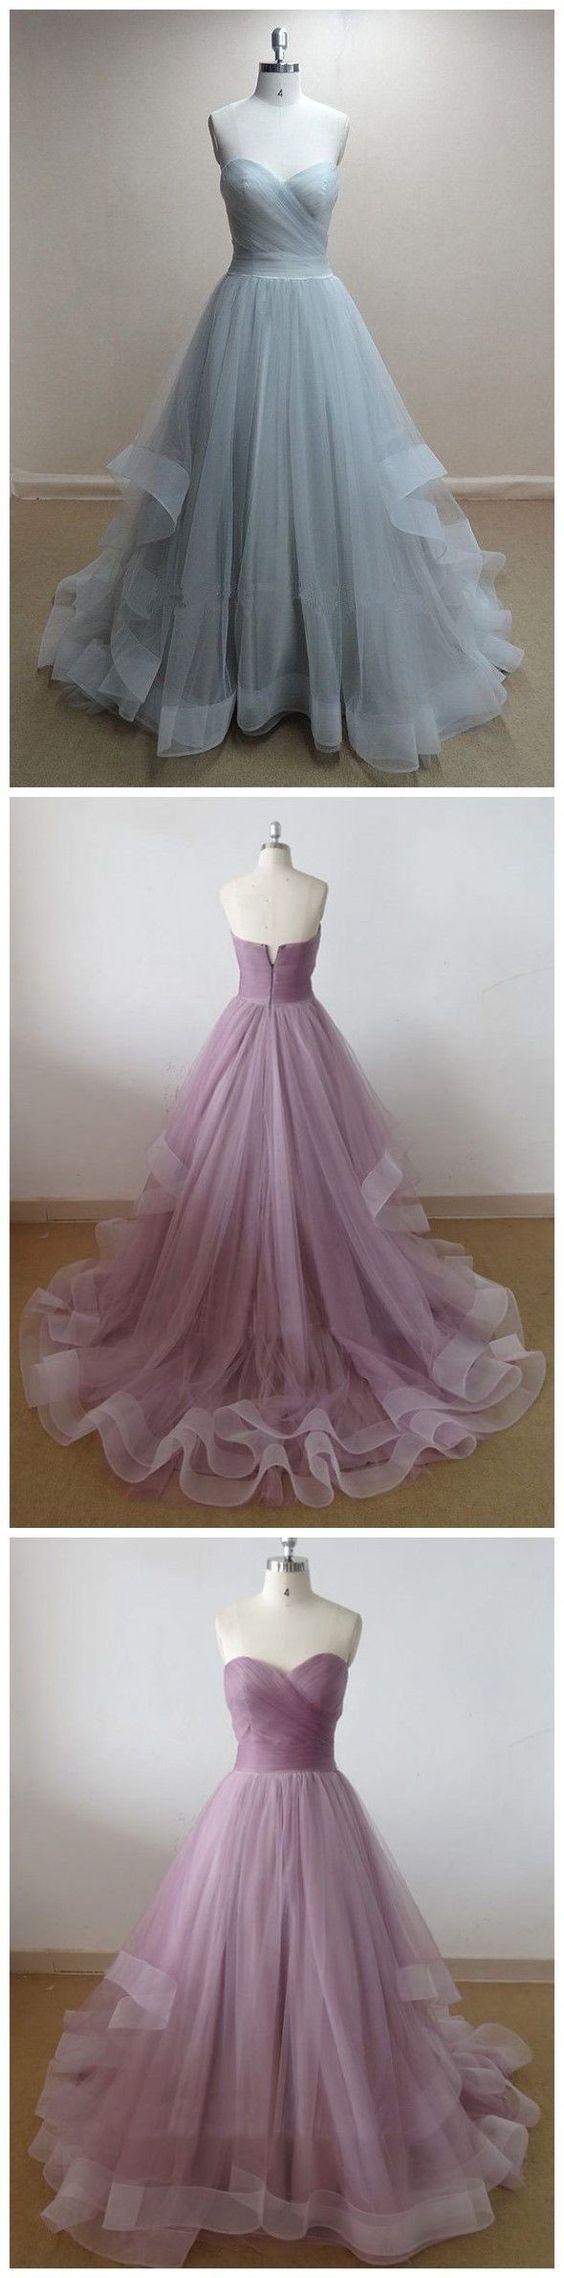 Sweetheart Dress,Layered Party Dress,Organza Prom Dress, Sexy Party Dress, Maxi Prom Dress, Cheap Prom Dress, 2017 Evening Dress